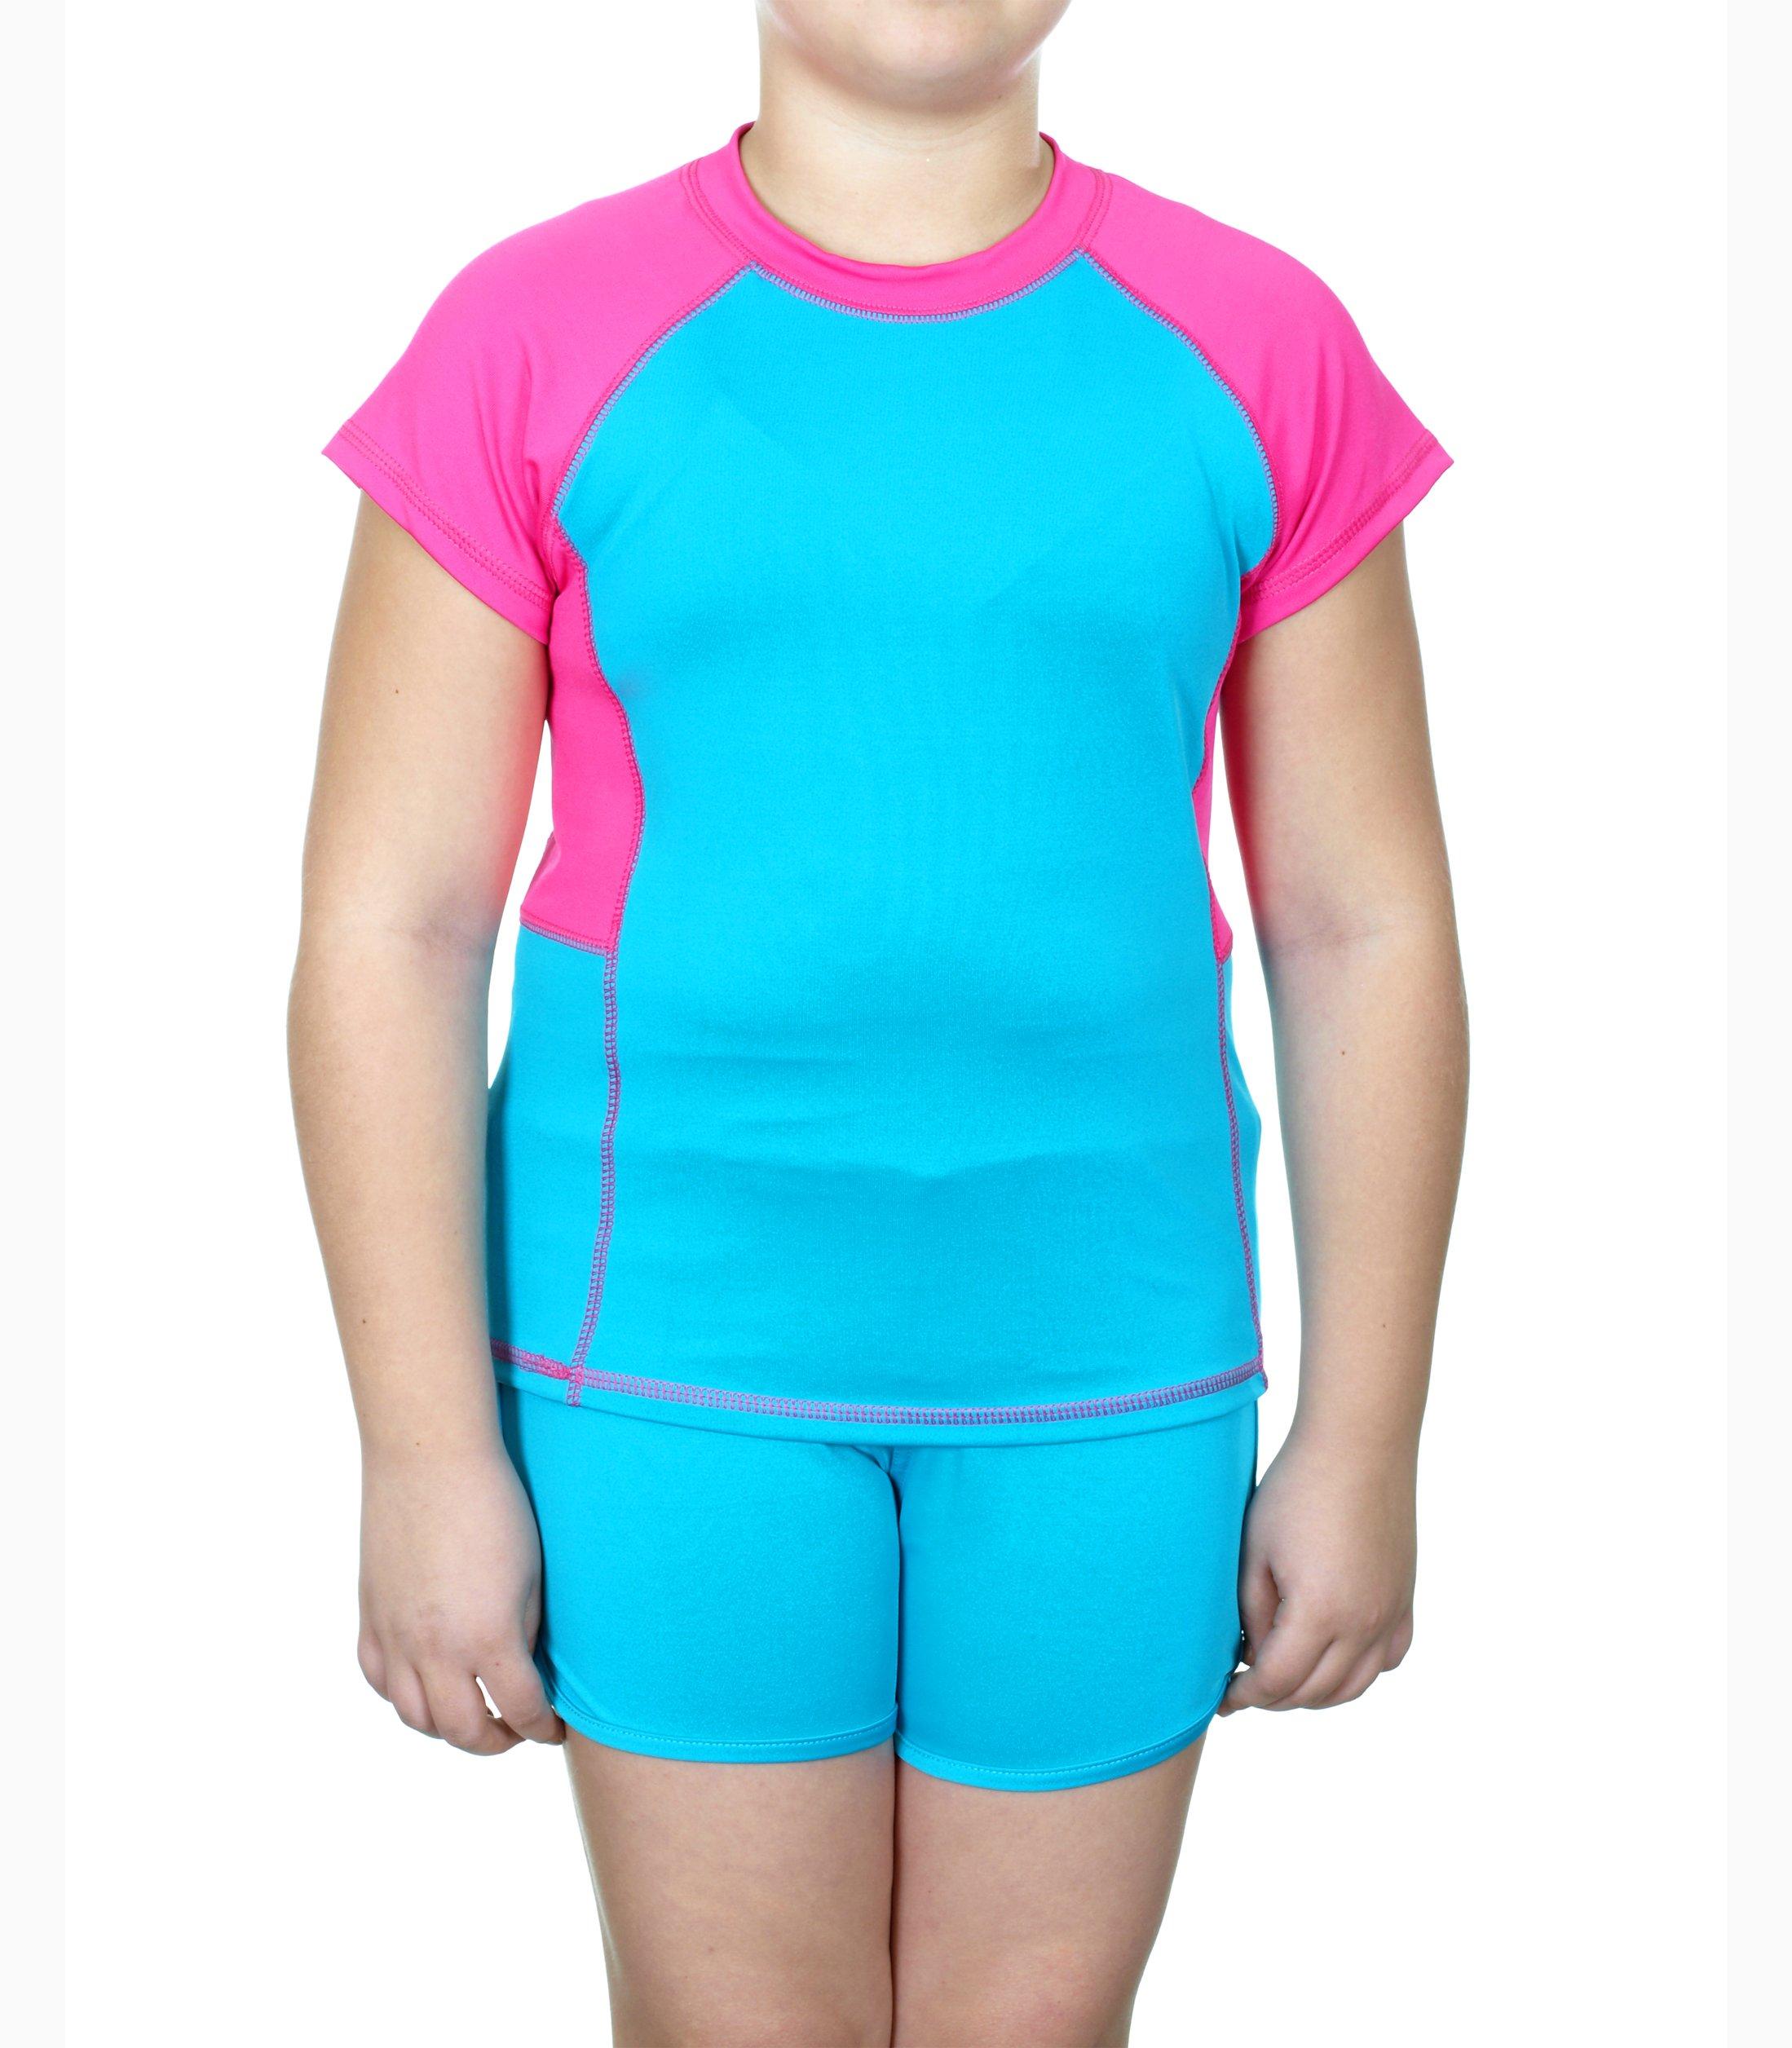 S.W.A.K. Girls 2-Piece Florescent Shirt & Shorts Set (14/16, Aqua & Pink)